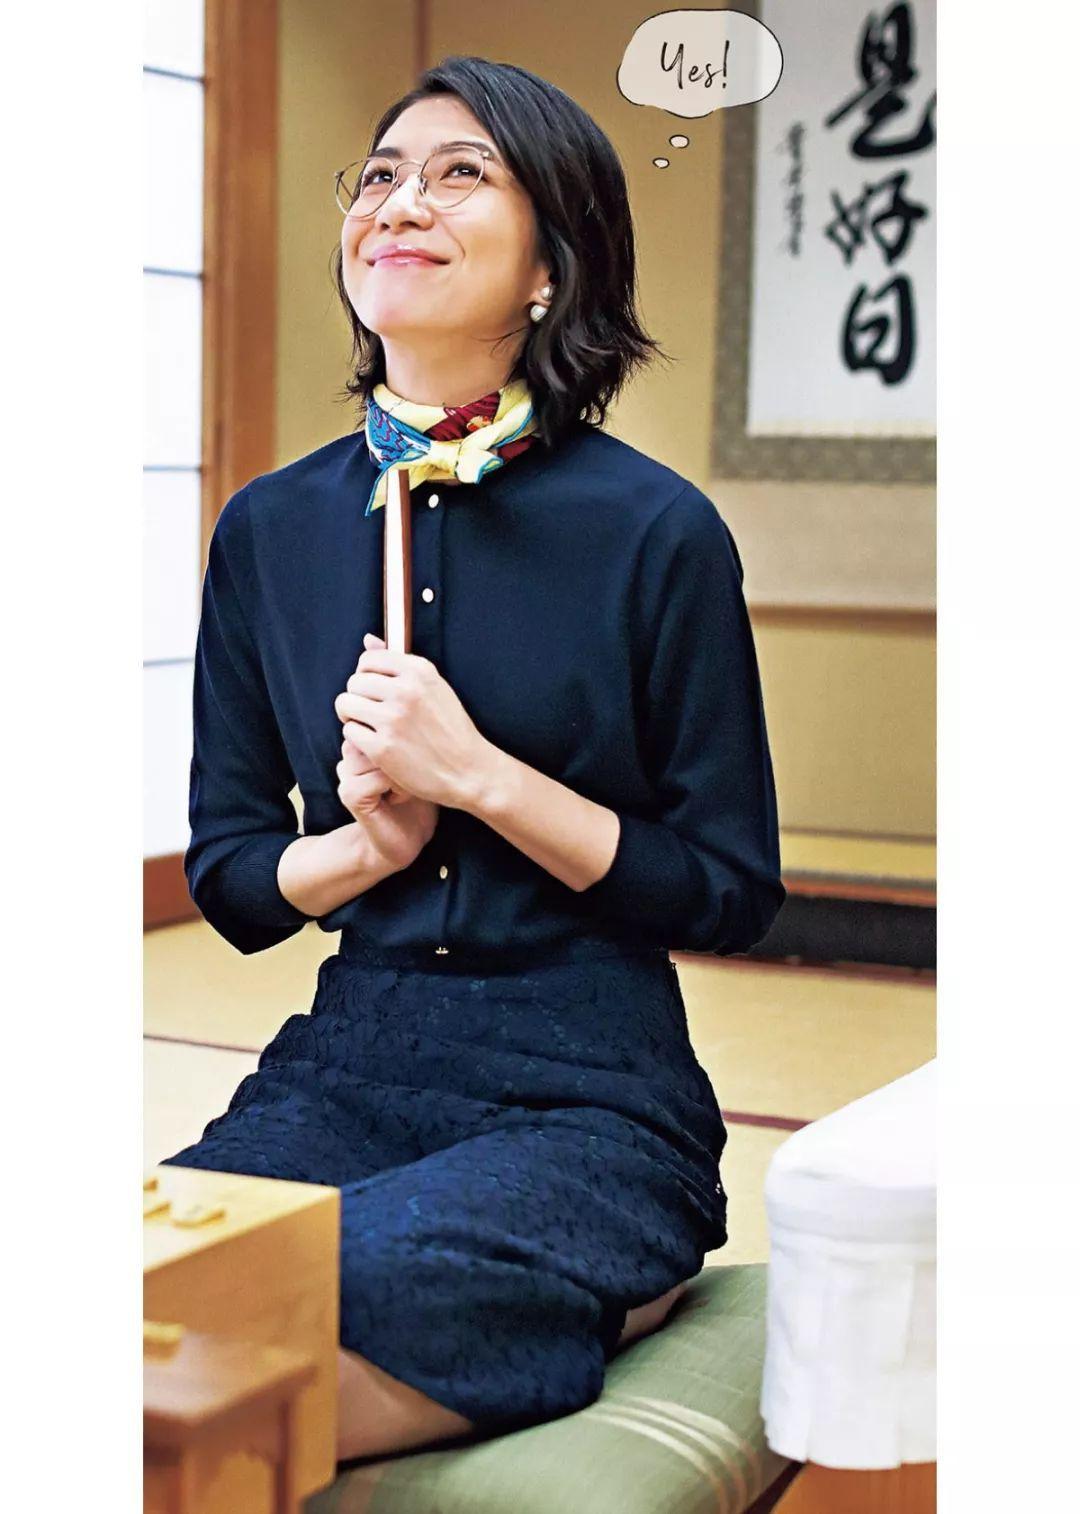 6件针织衫30天不重样,将棋女神的秋日穿搭大作战|日本·时尚